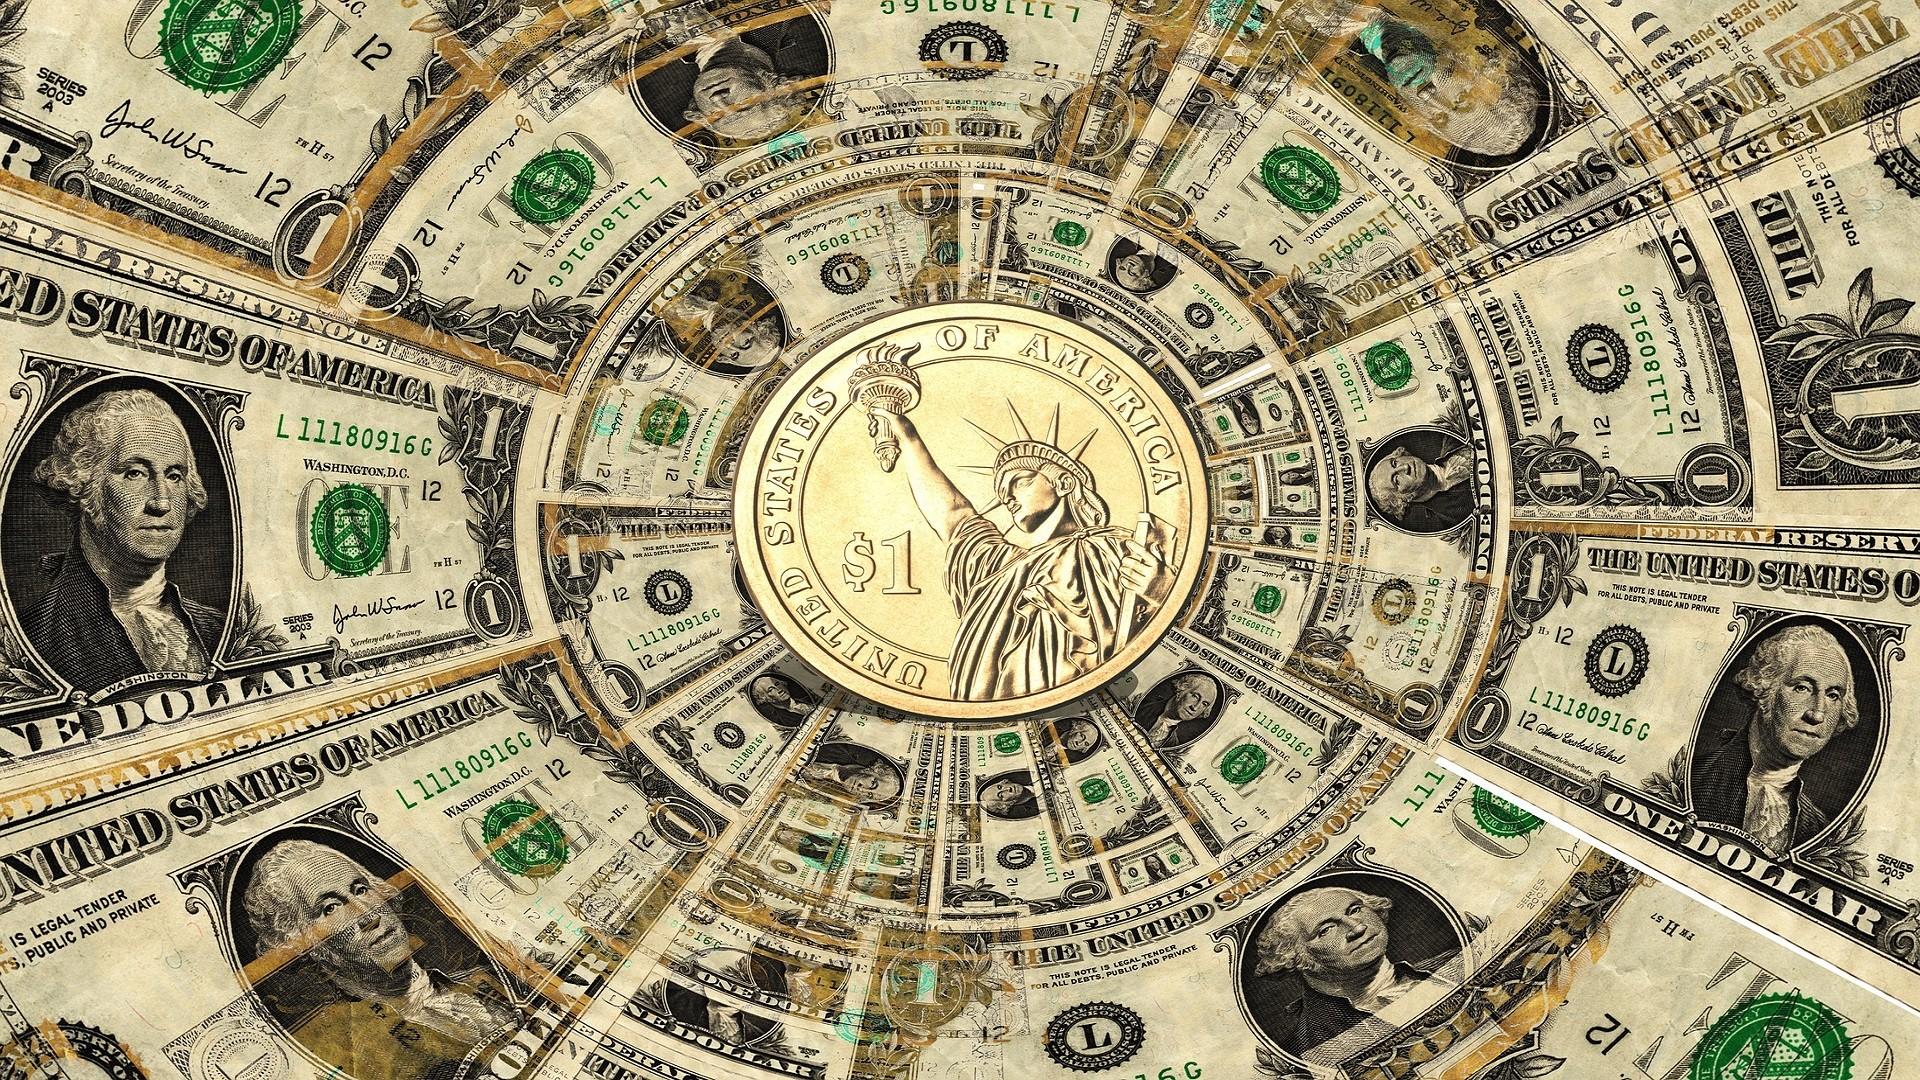 デスクトップ壁紙 人 アメリカ合衆国 ドル お金 通貨 現金